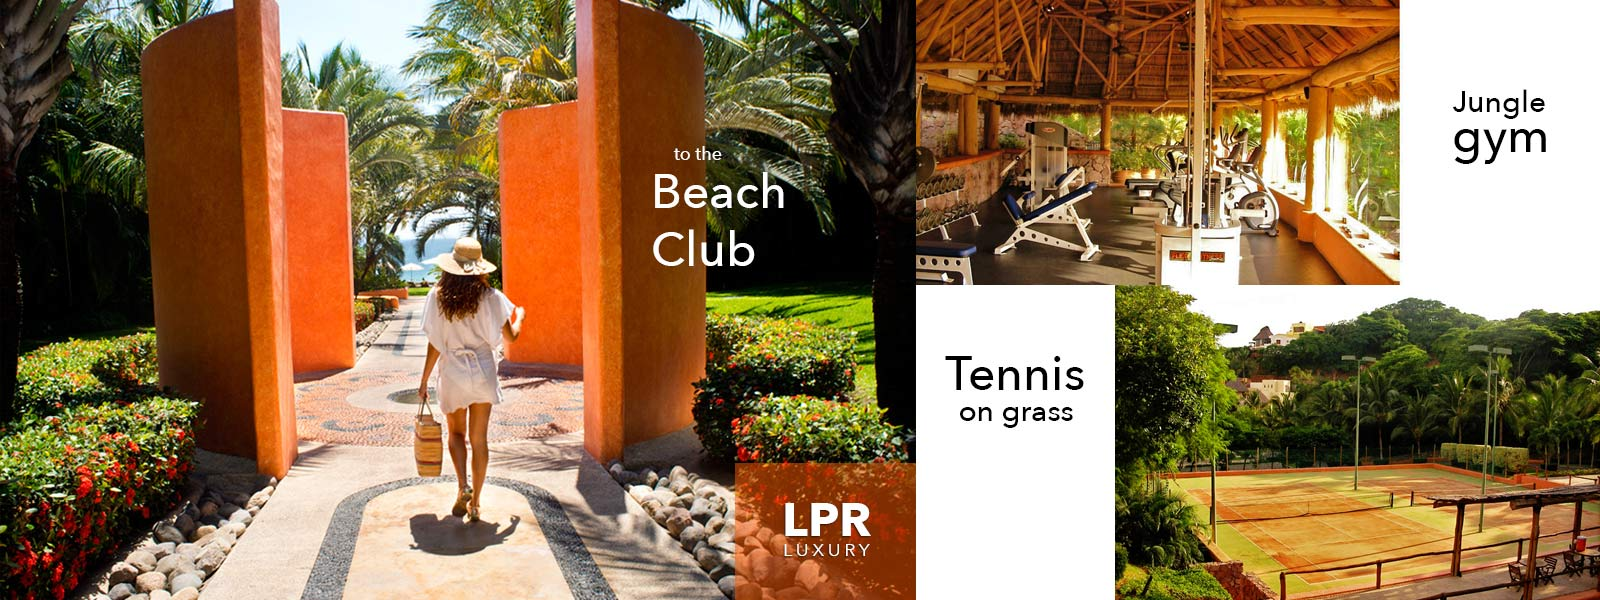 Real del Mar - North shore Puerto Vallarta luxury real estate and vacation rentals - Riviera Nayarit, Mexico